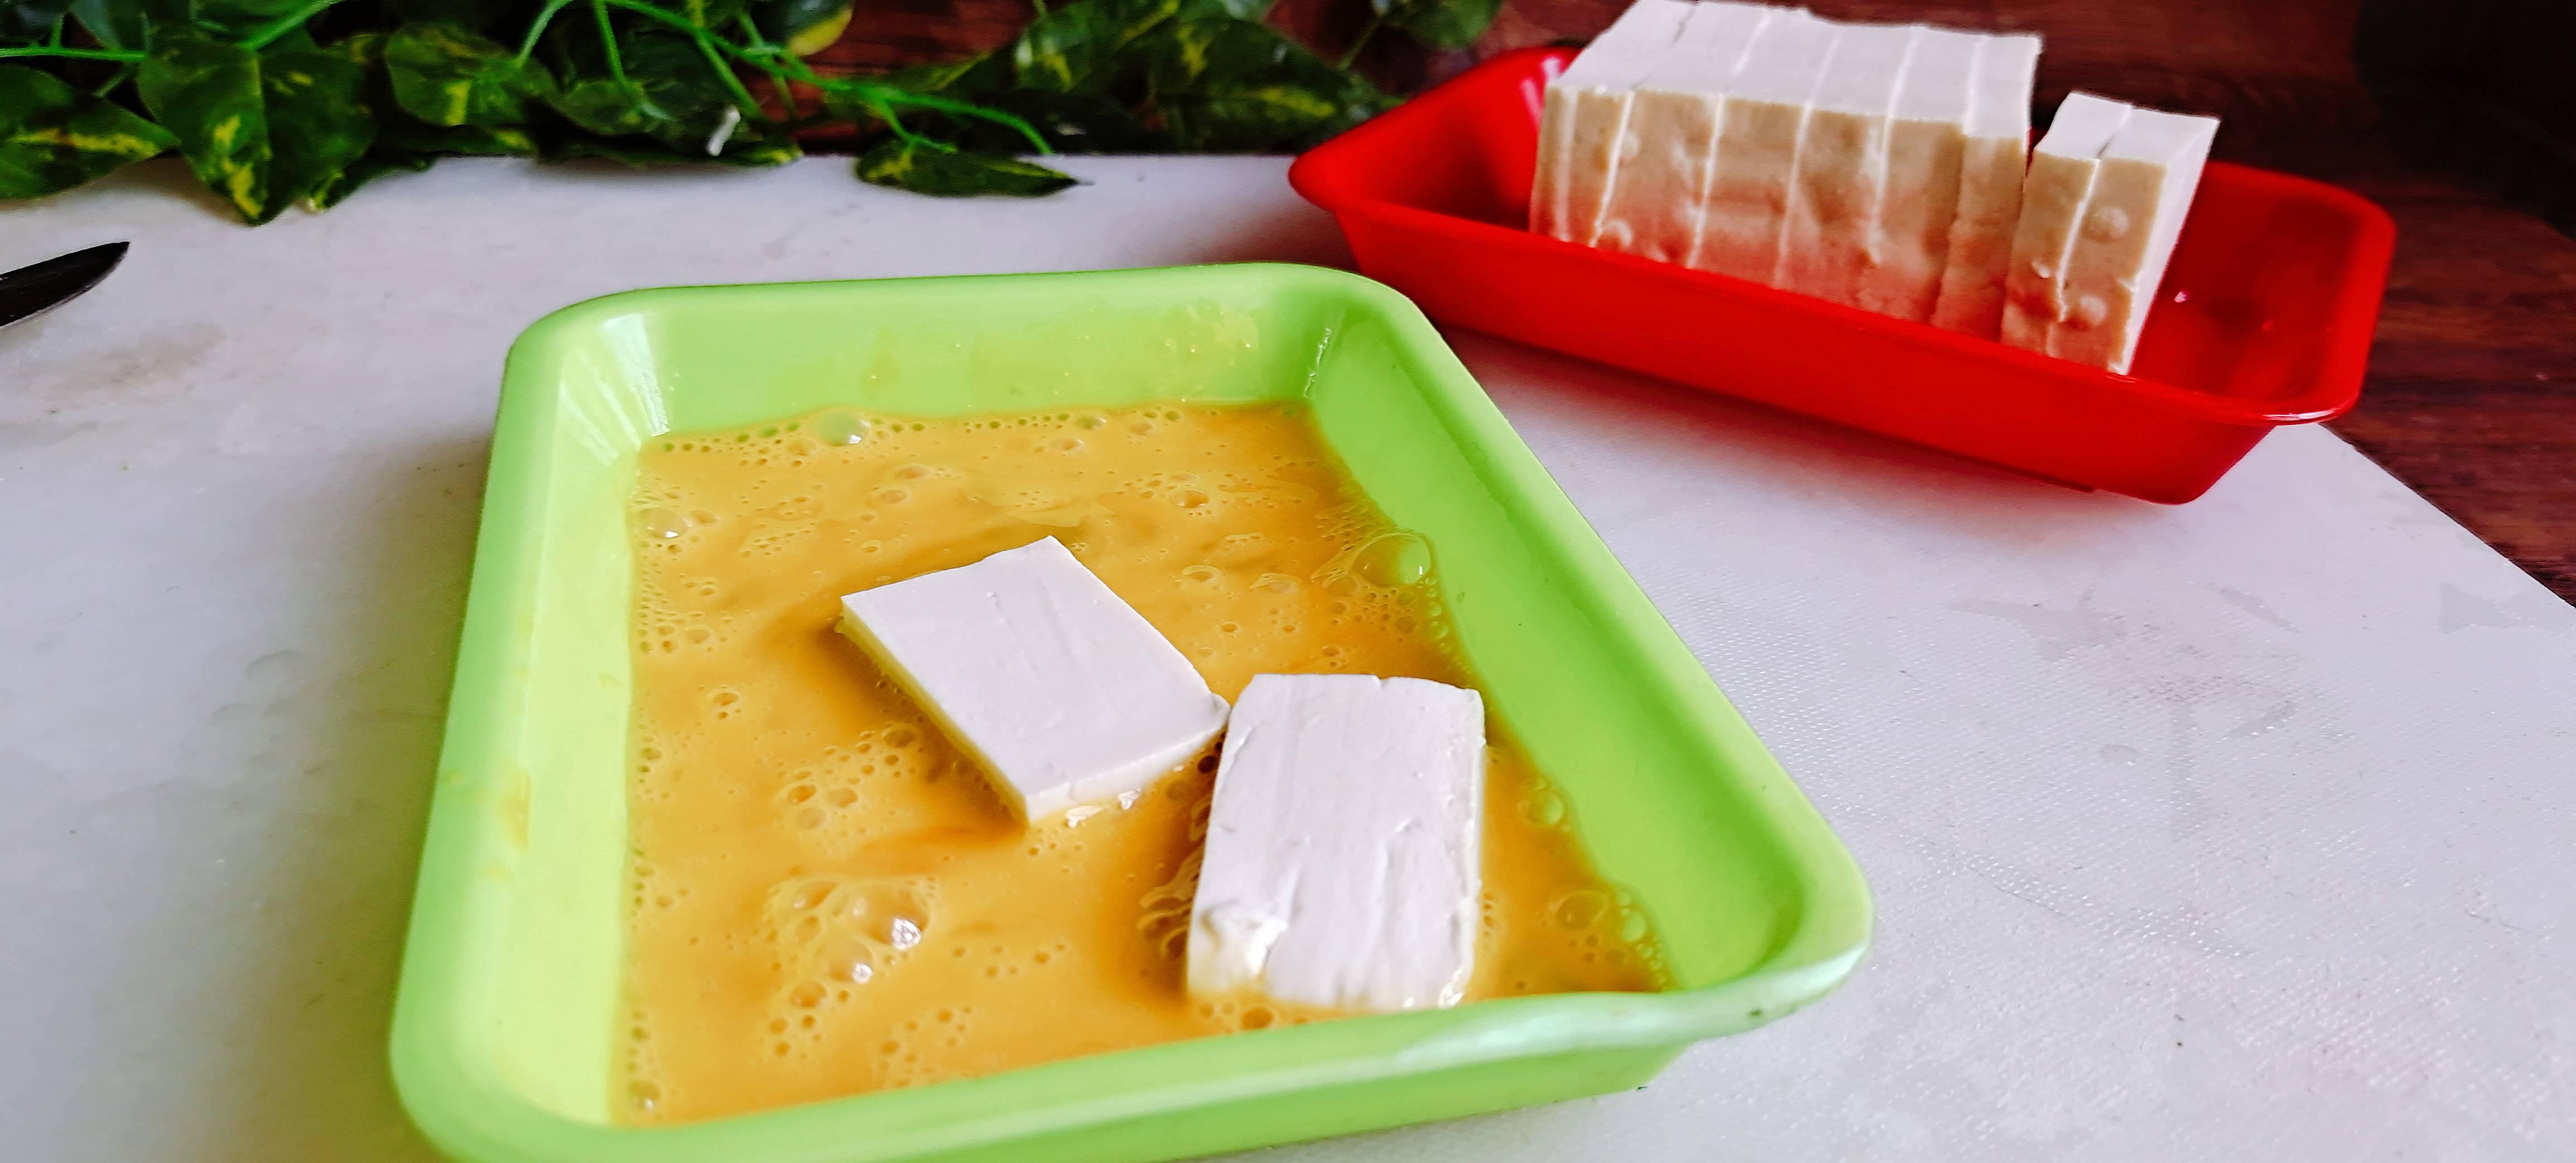 秋冬这样吃豆腐,暖身又下饭…金针豆腐煲的简单做法